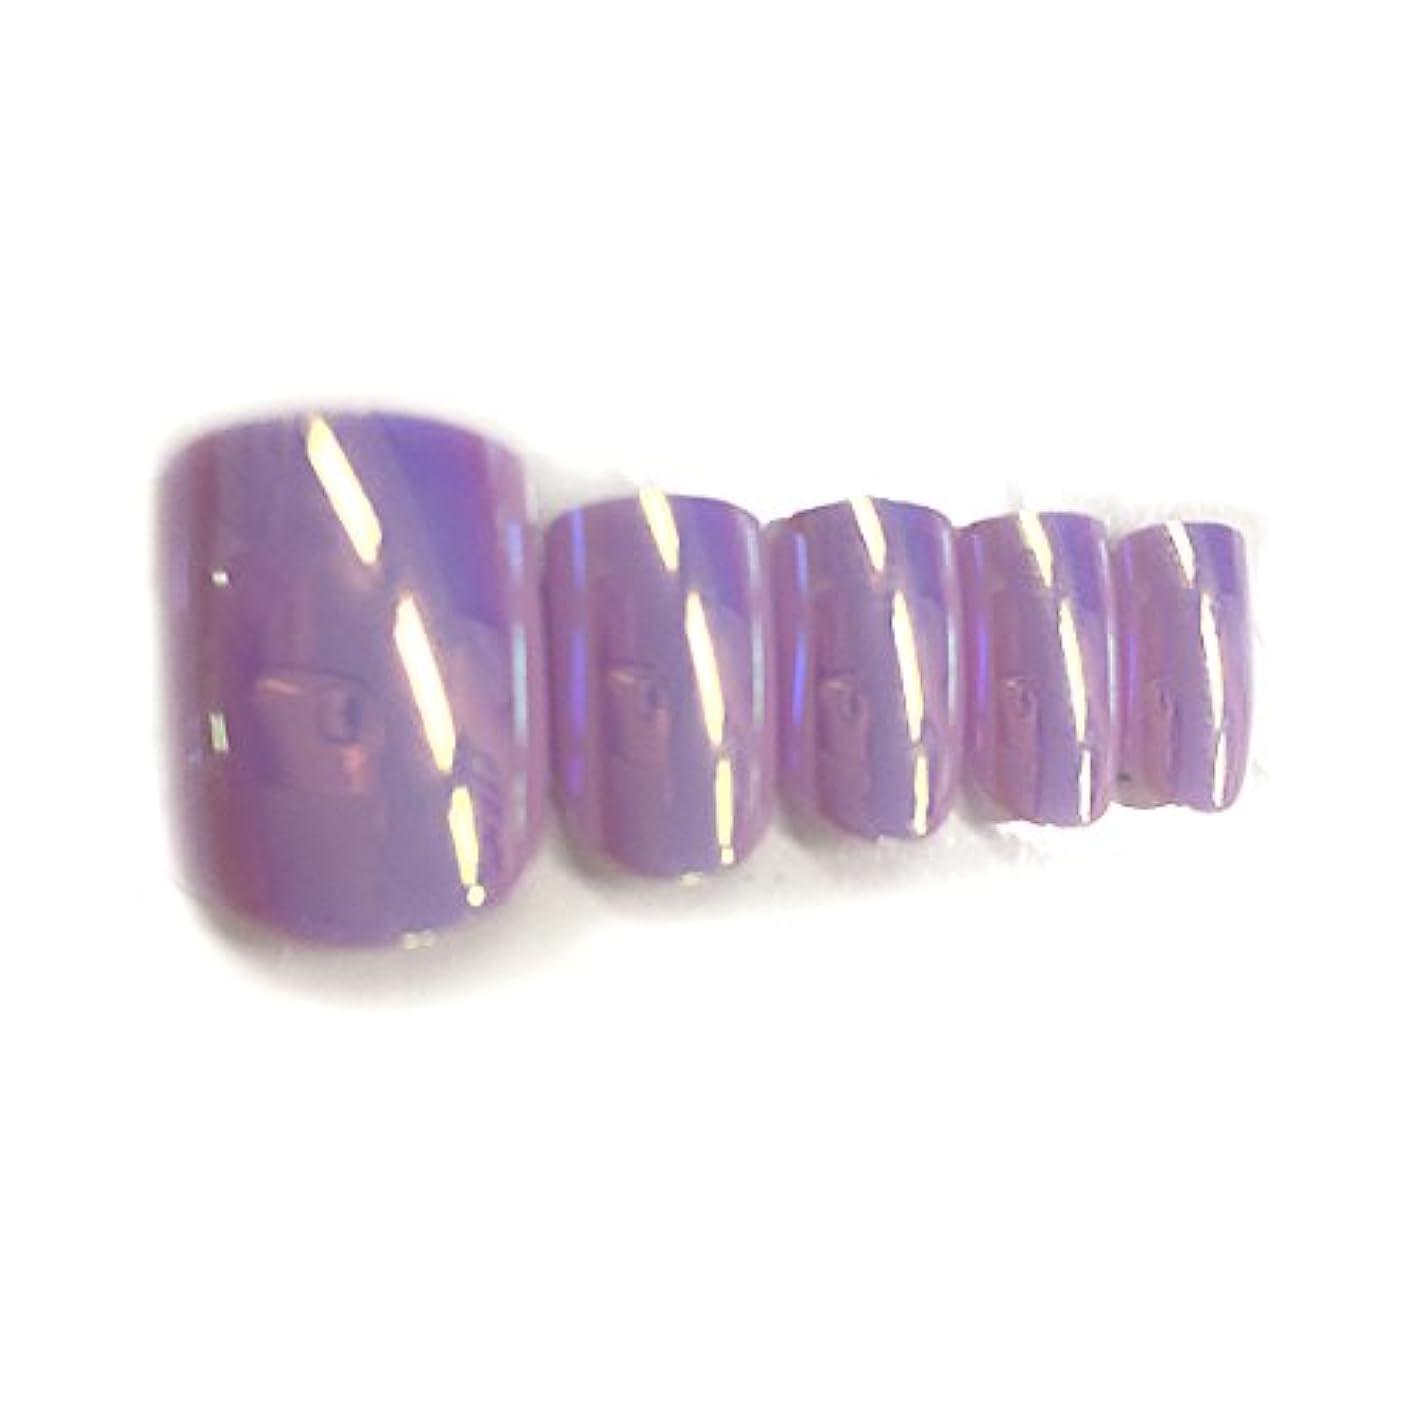 キャンベラ負終了しました< OMD > Feel soft Nail tip No.6 パステルパープル (84枚入り) [ ペディキュアチップ ペディチップ ペディキュアネイルチップ ミラーチップ 足用ネイルチップ フットネイルチップ 親指...